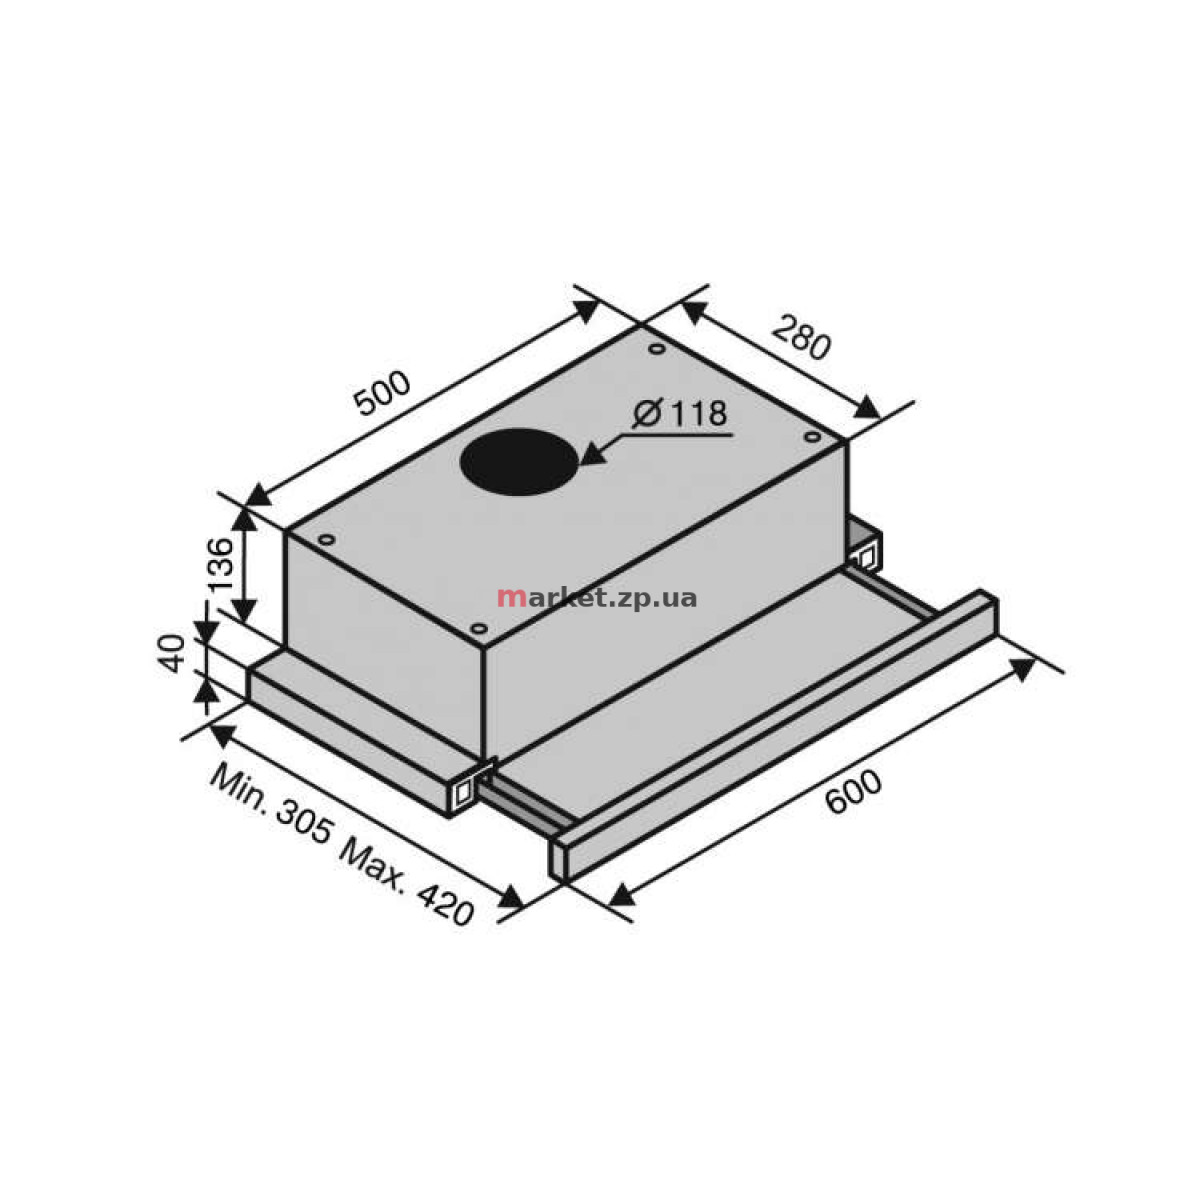 Вытяжка VENTOLUX GARDA 60 MX (700) SLIM